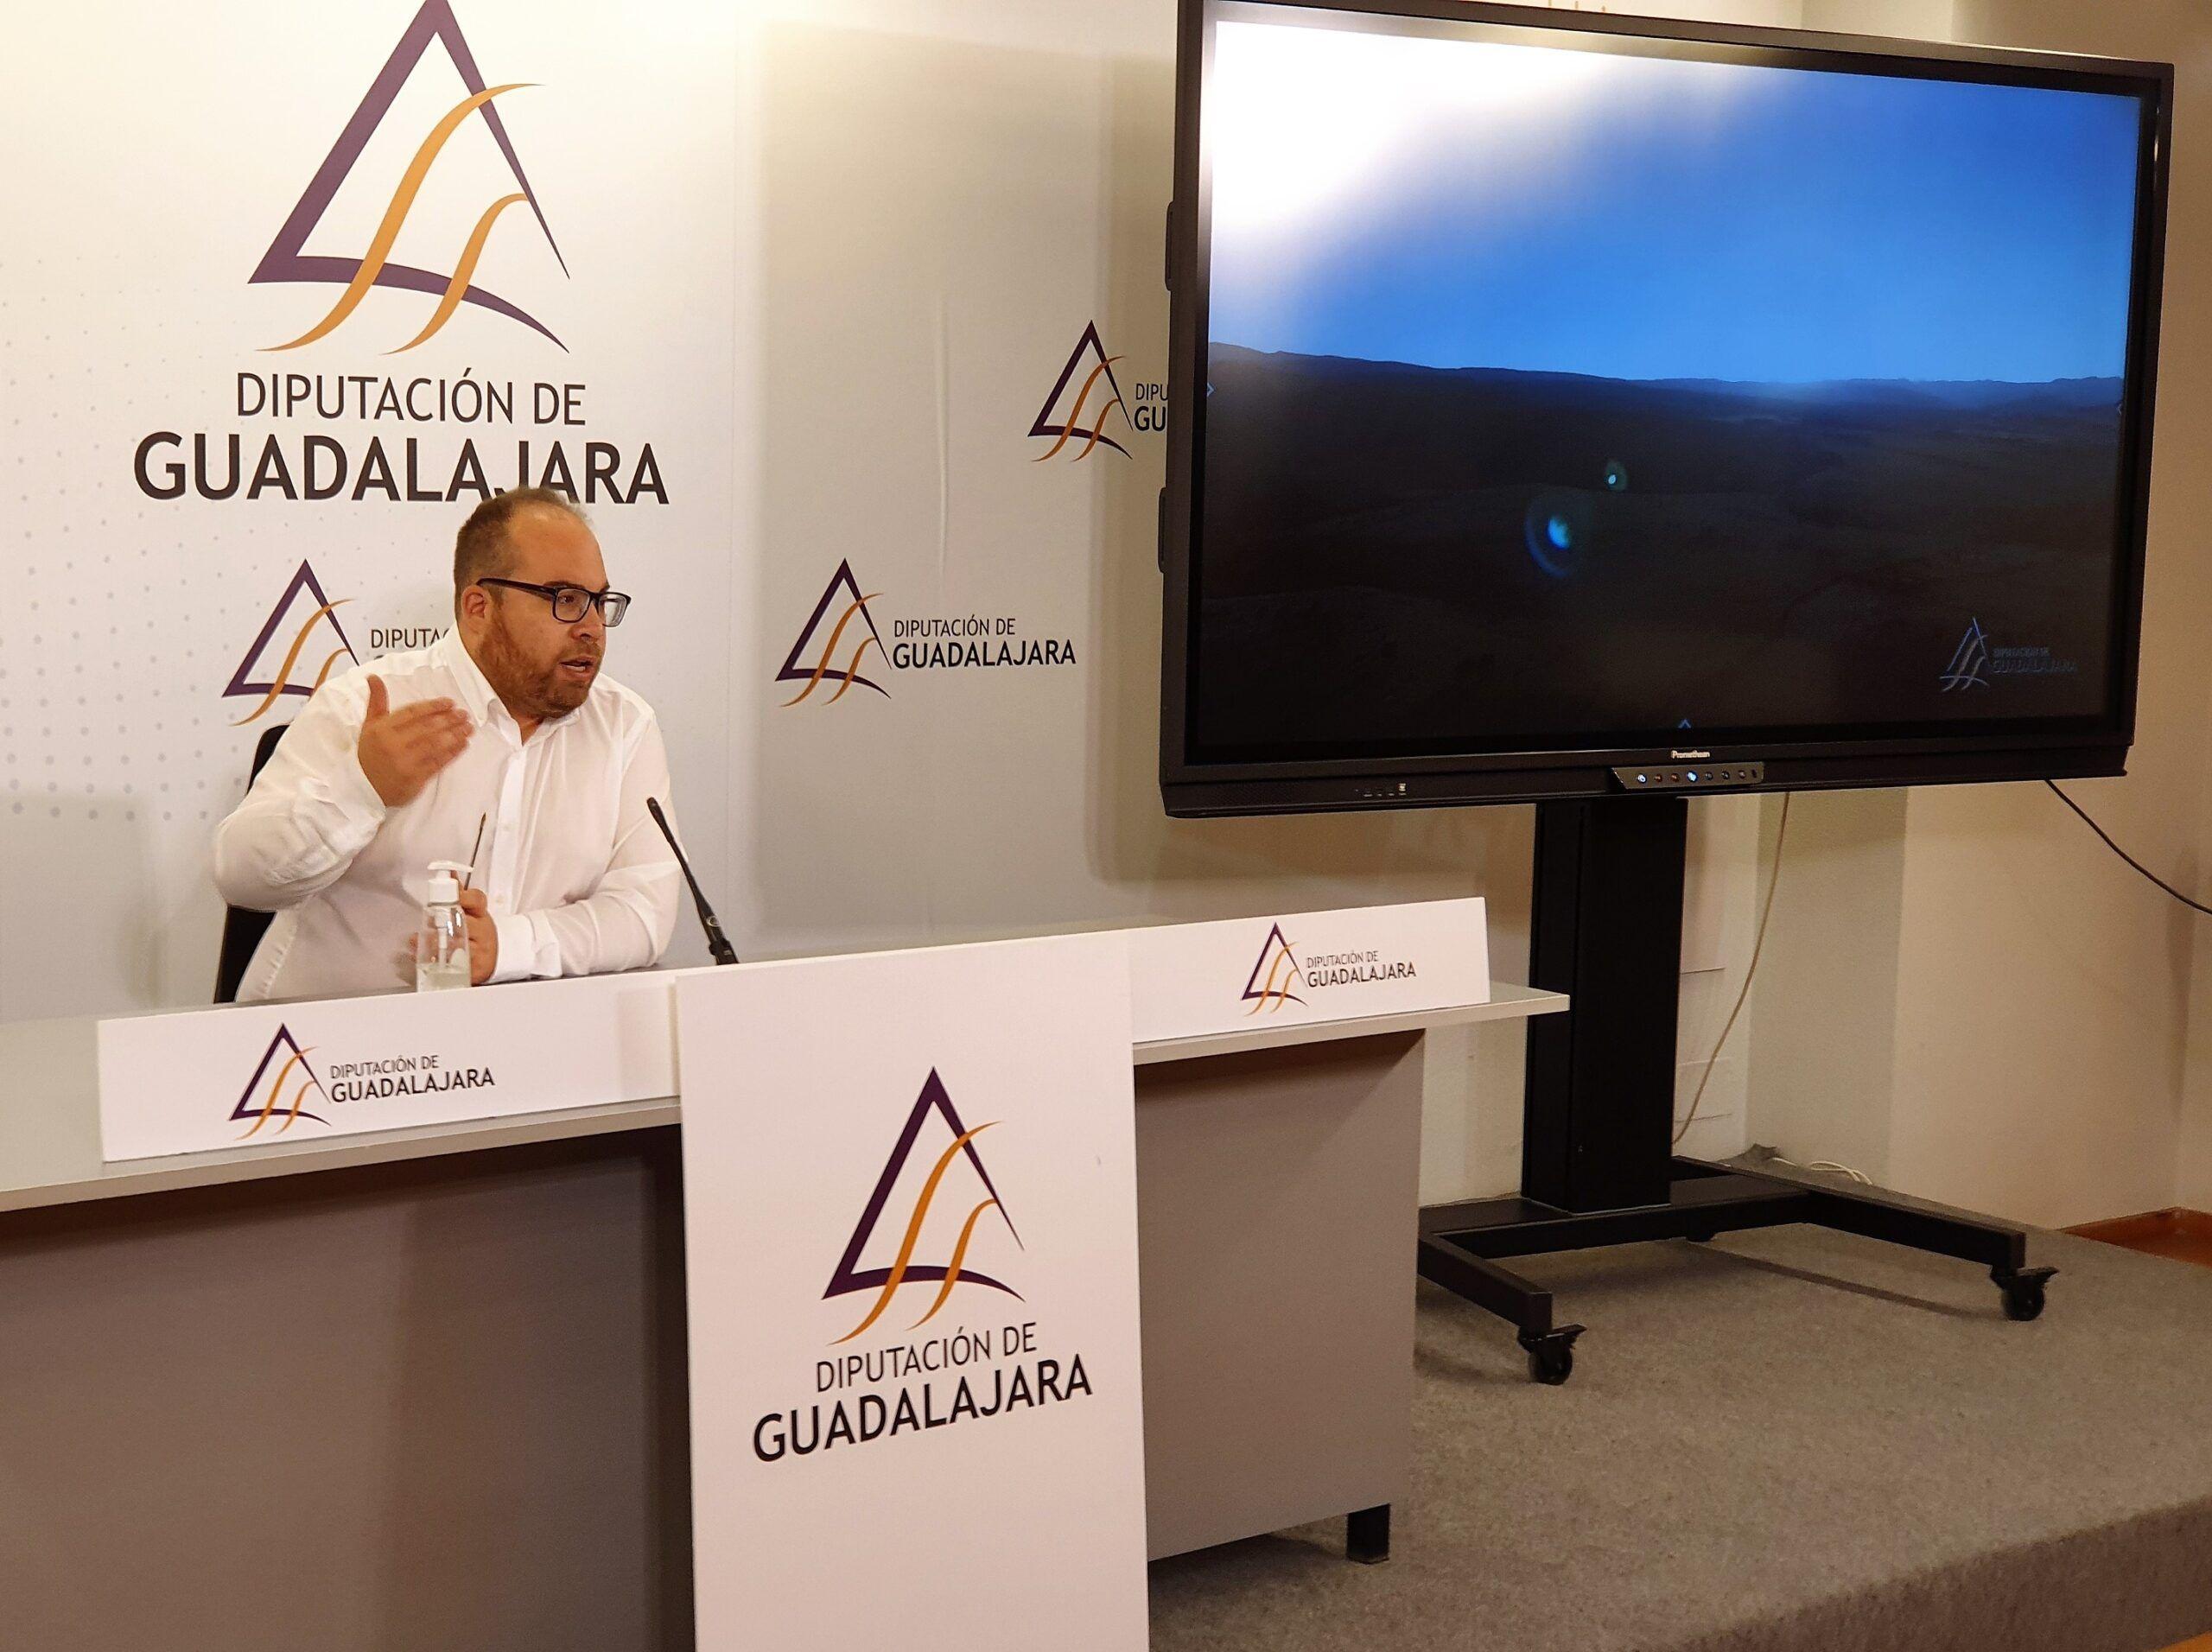 La Diputación explica sus actuaciones en un documental que reivindica el papel de la institución en provincias como Guadalajara